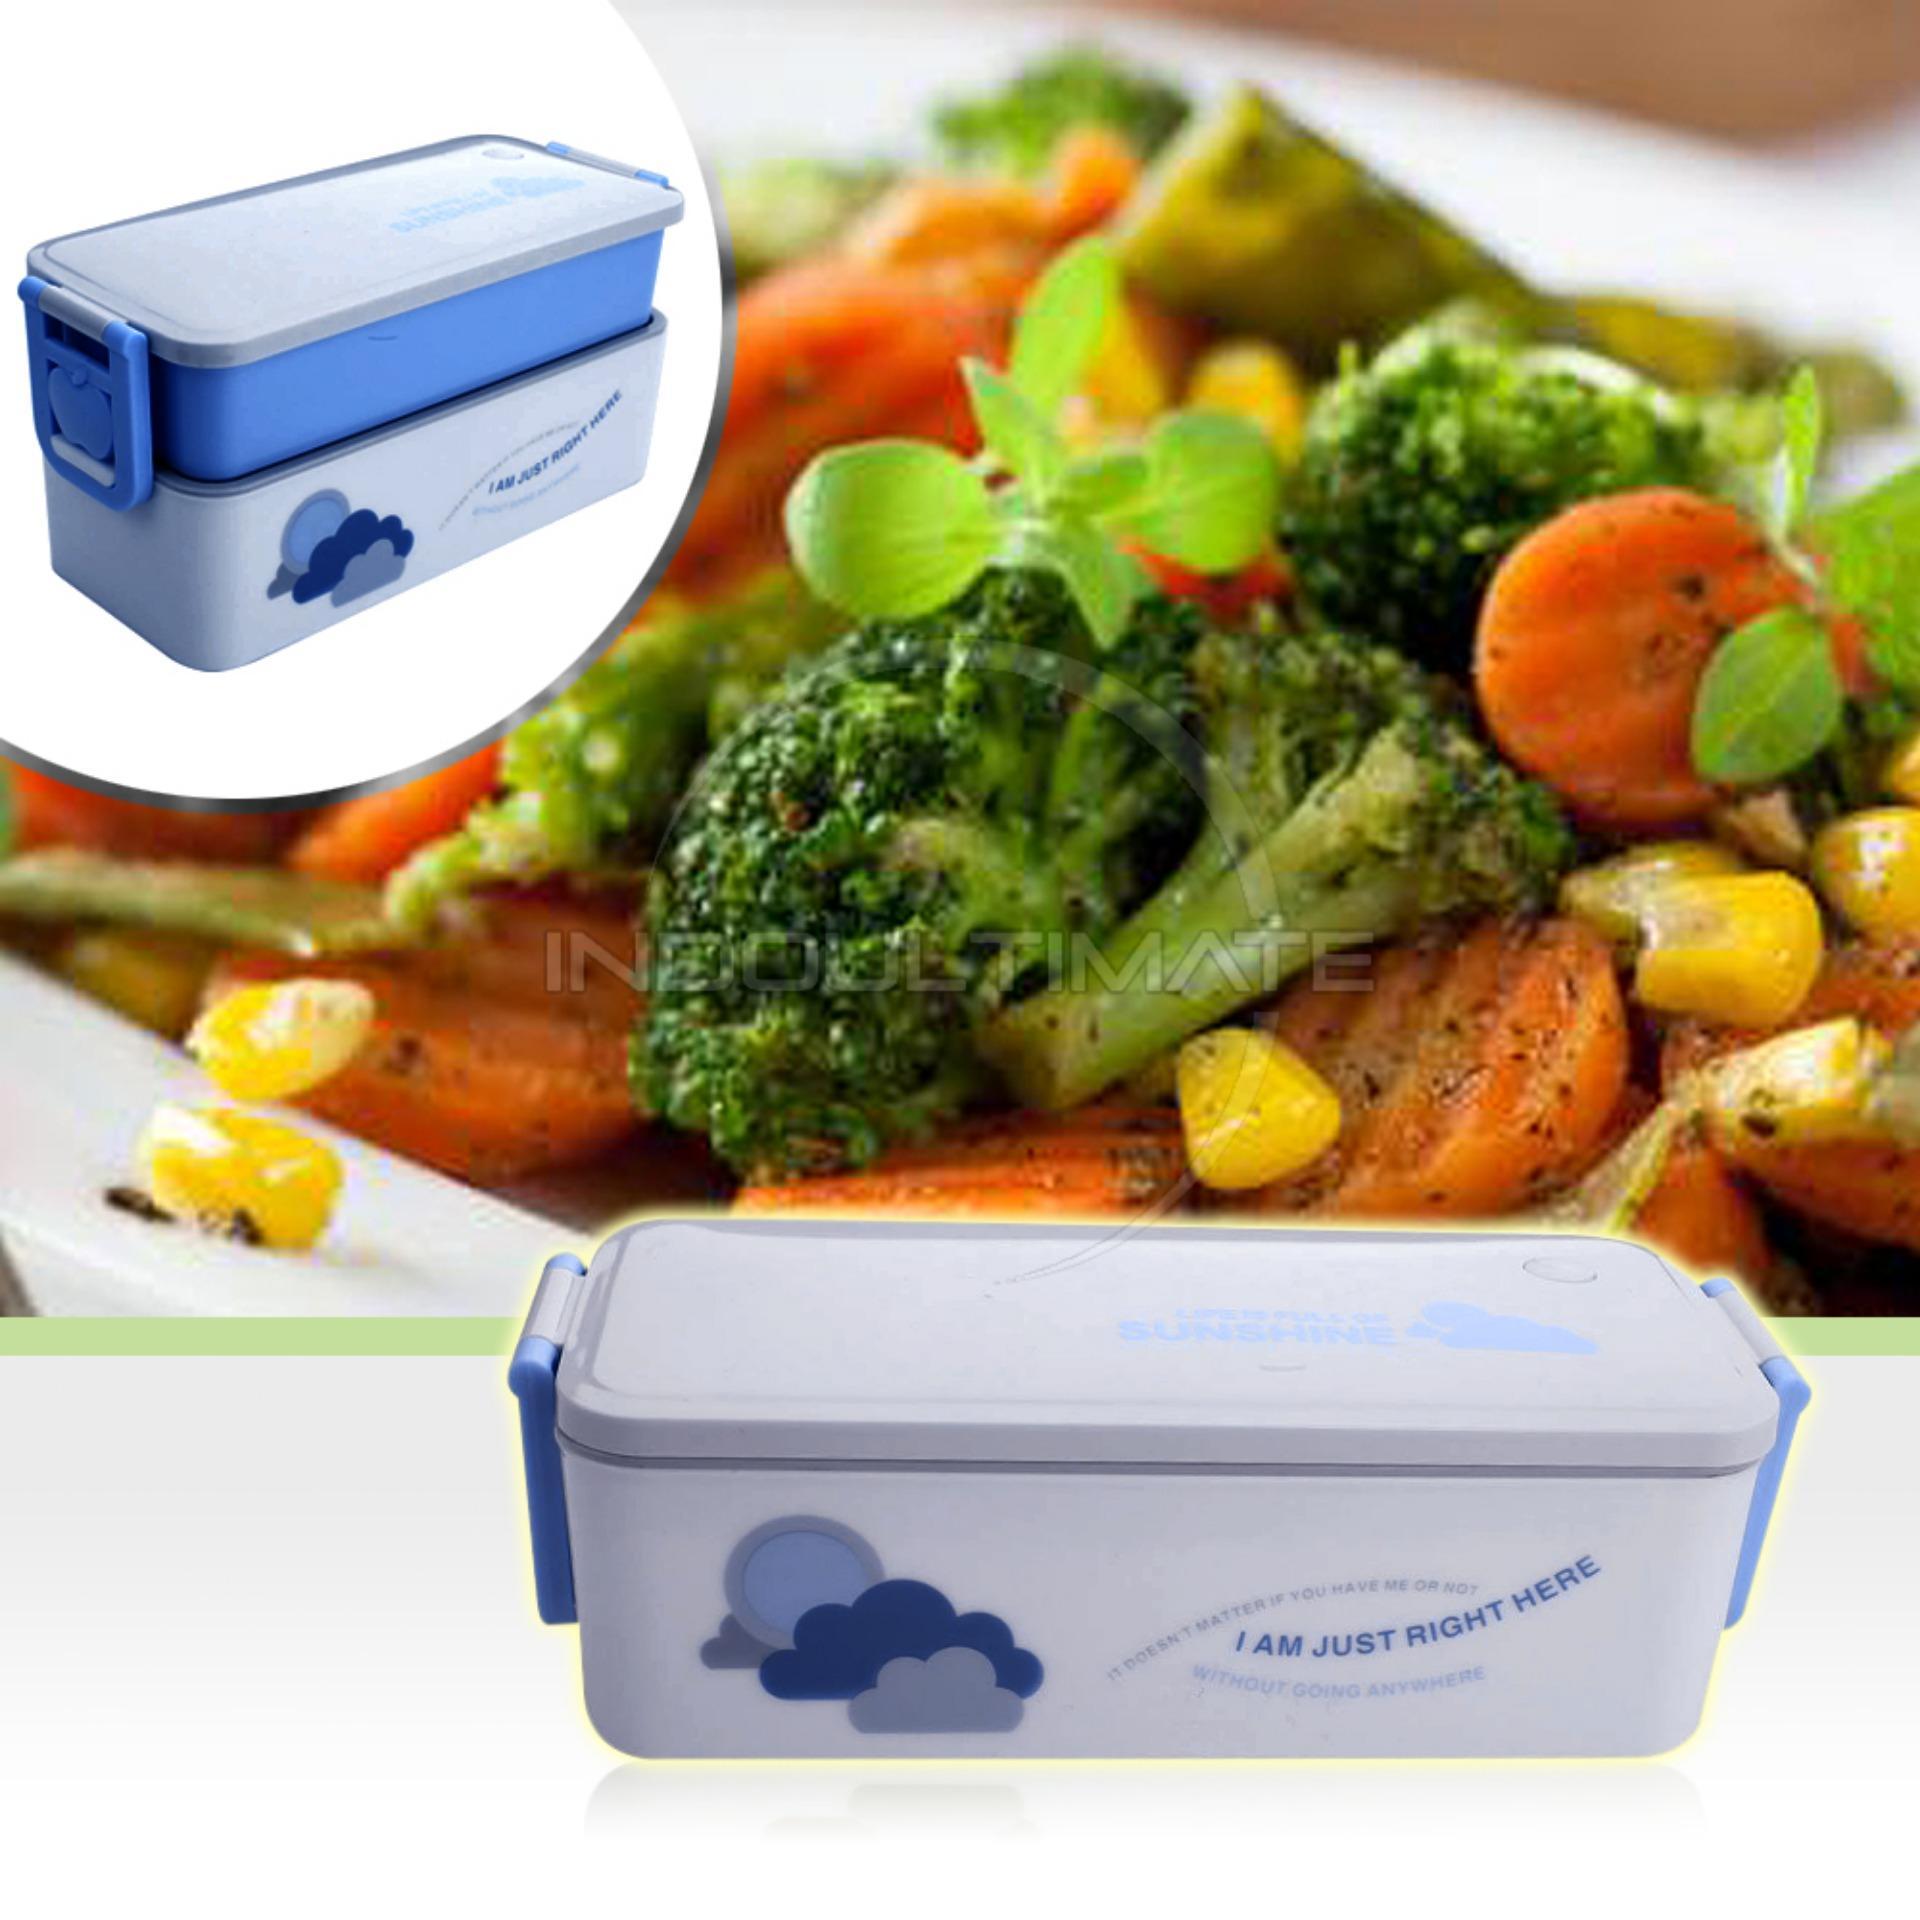 Spesifikasi Ultimate Bento Box Korean Style 2In1 Bekal Makan Tempat Makan Ala Jepang Bento Lunch Box Hl Rn 05 Blue Murah